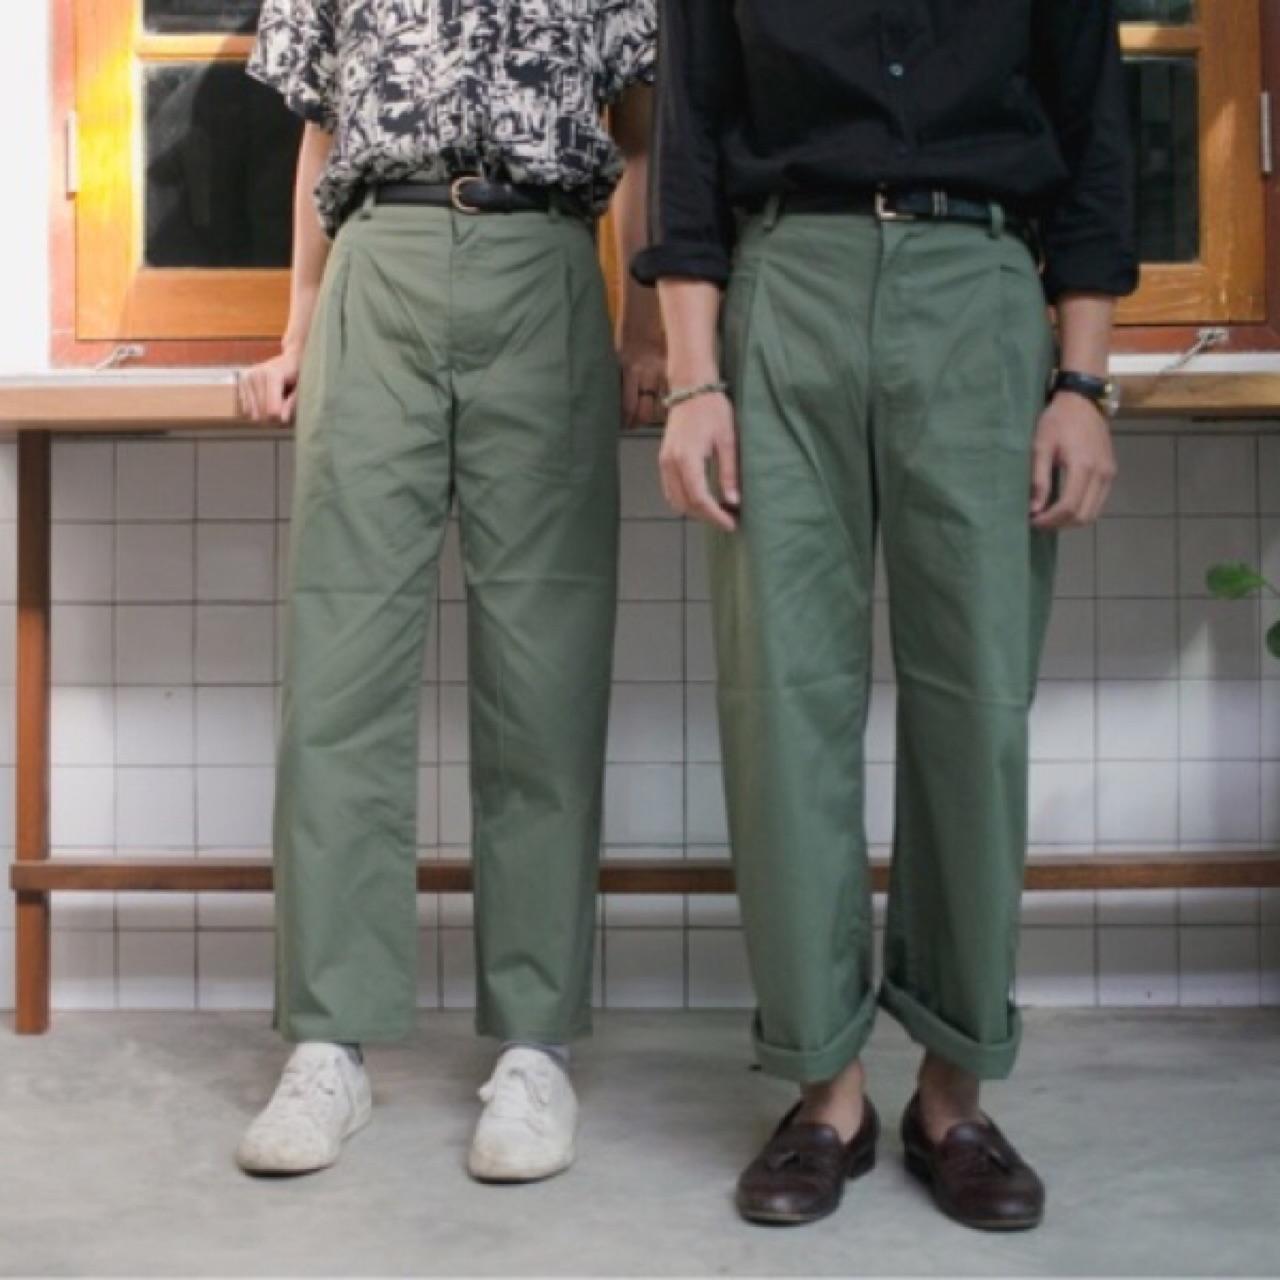 กางเกง,กางเกงขายาว,กางเกงผู้หญิง,กางเกงผู้หญิงขายาว,กางเกงขายาวผู้หญิง